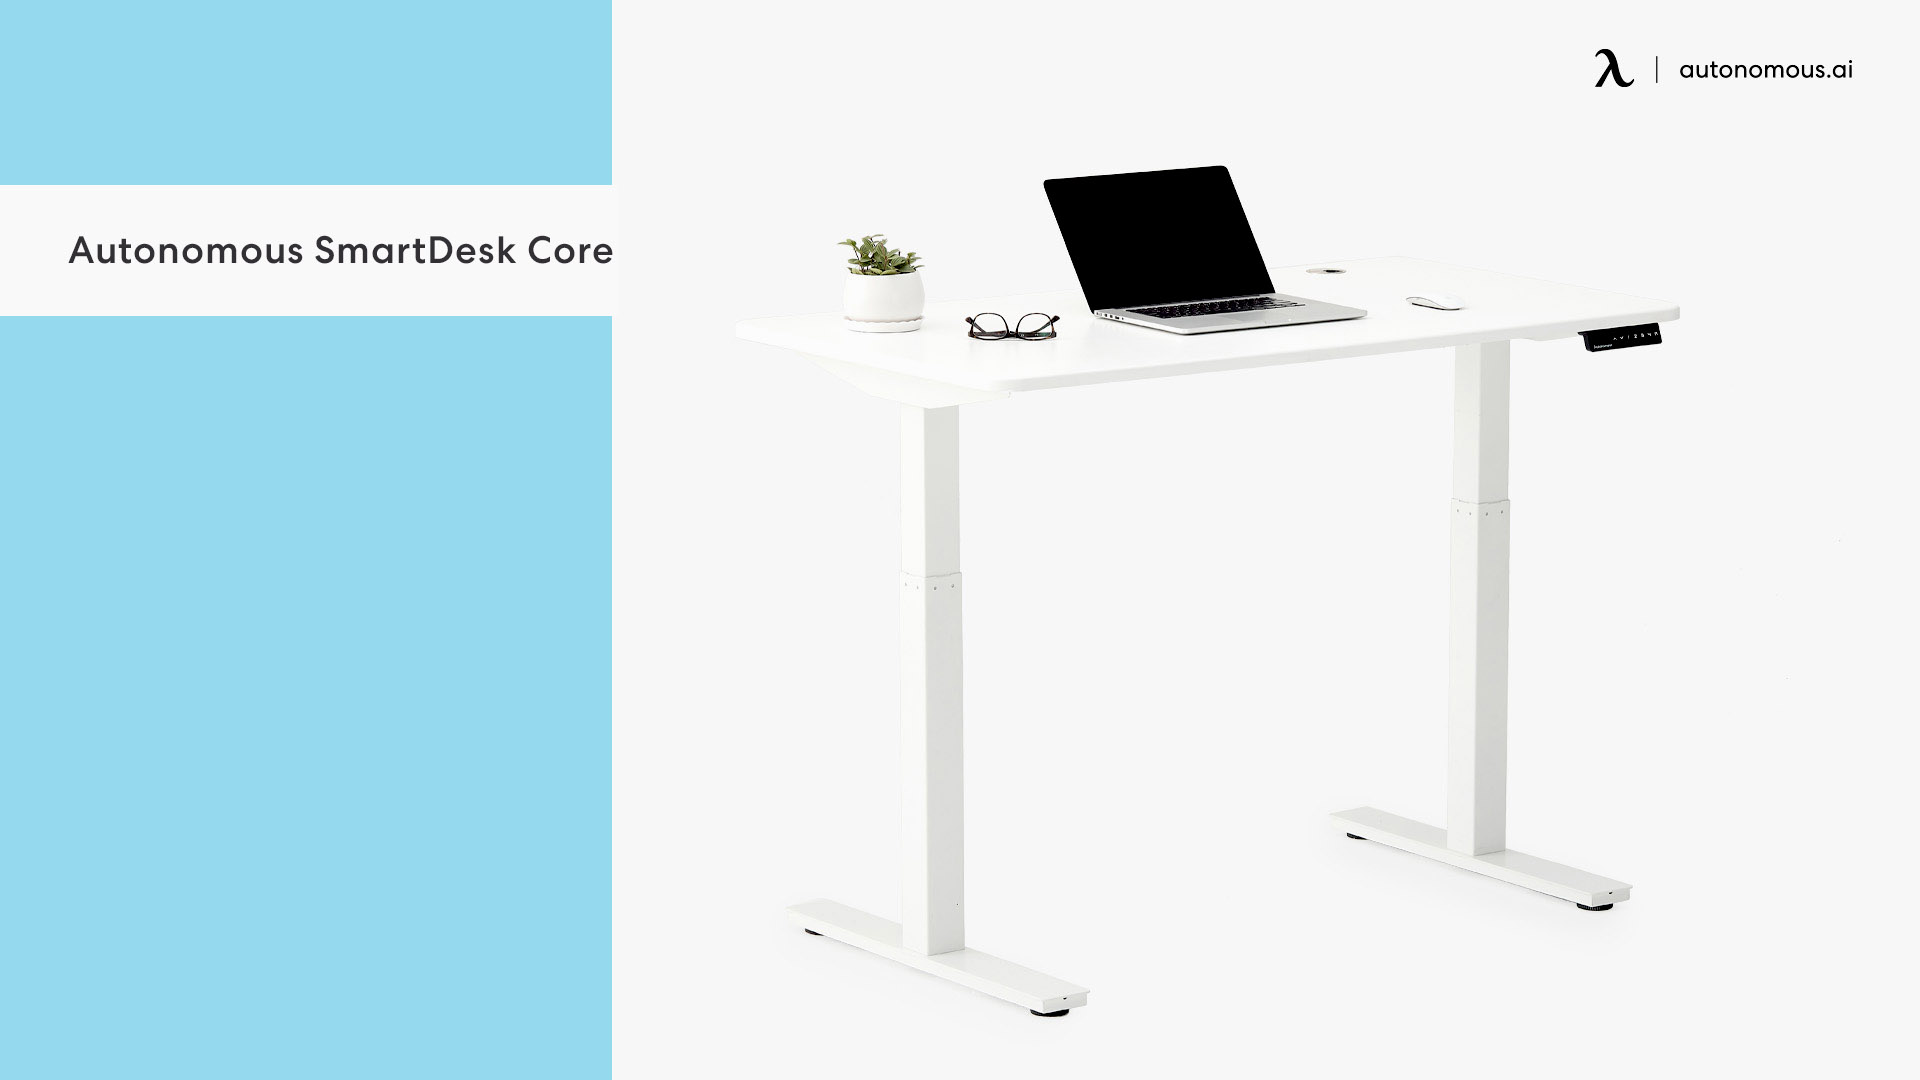 SmartDesk Core